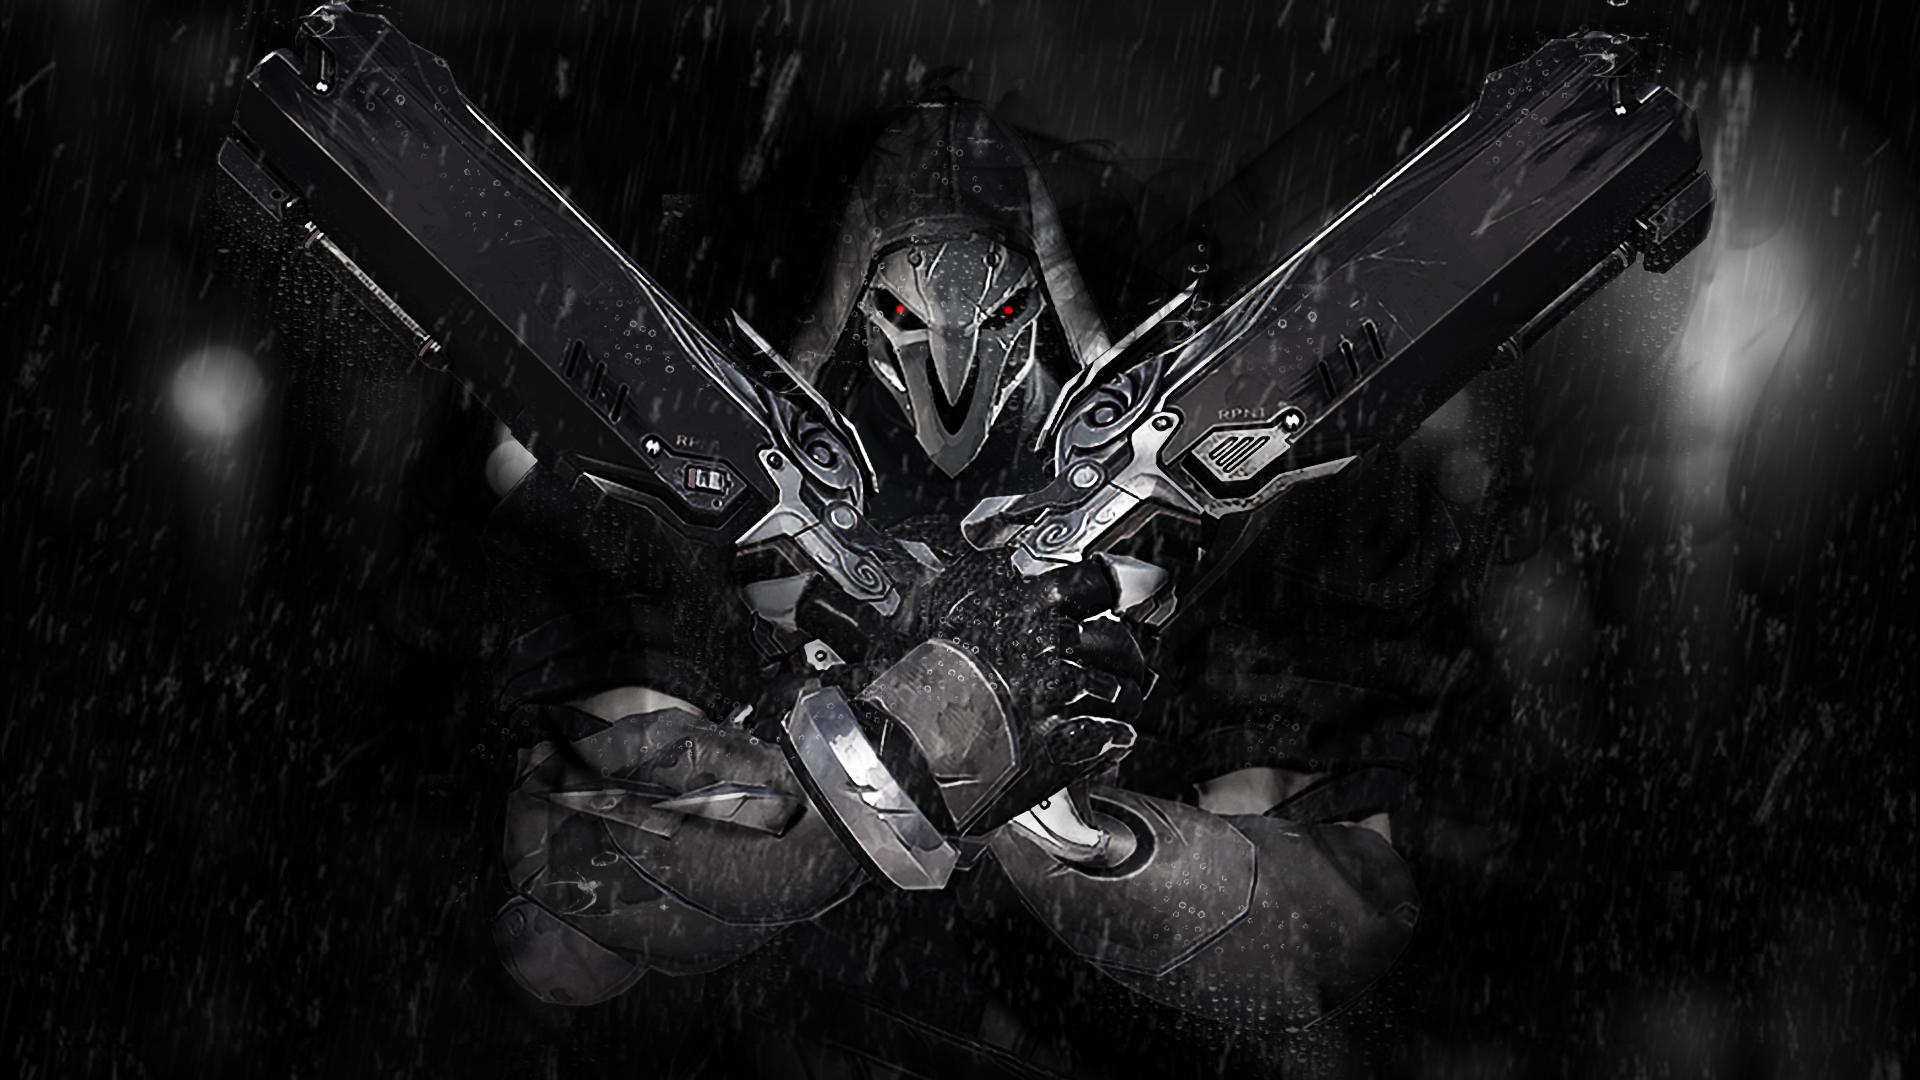 overwatch wallpaper reaper